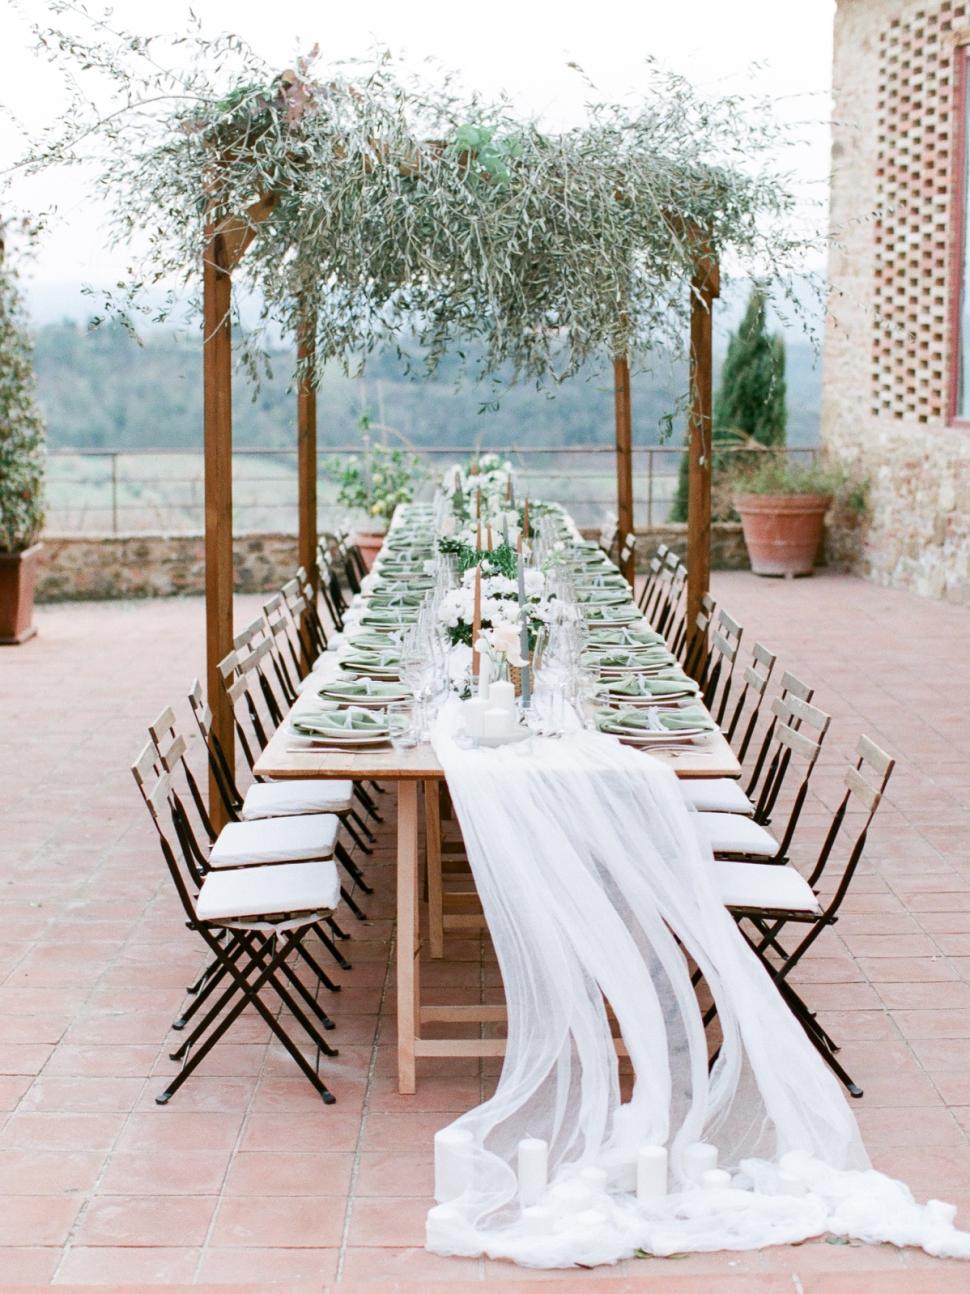 Tuscany-Destination-Wedding-Photographer-Cassi-Claire-Borgo-Petrognano-Florence-Wedding-14.jpg